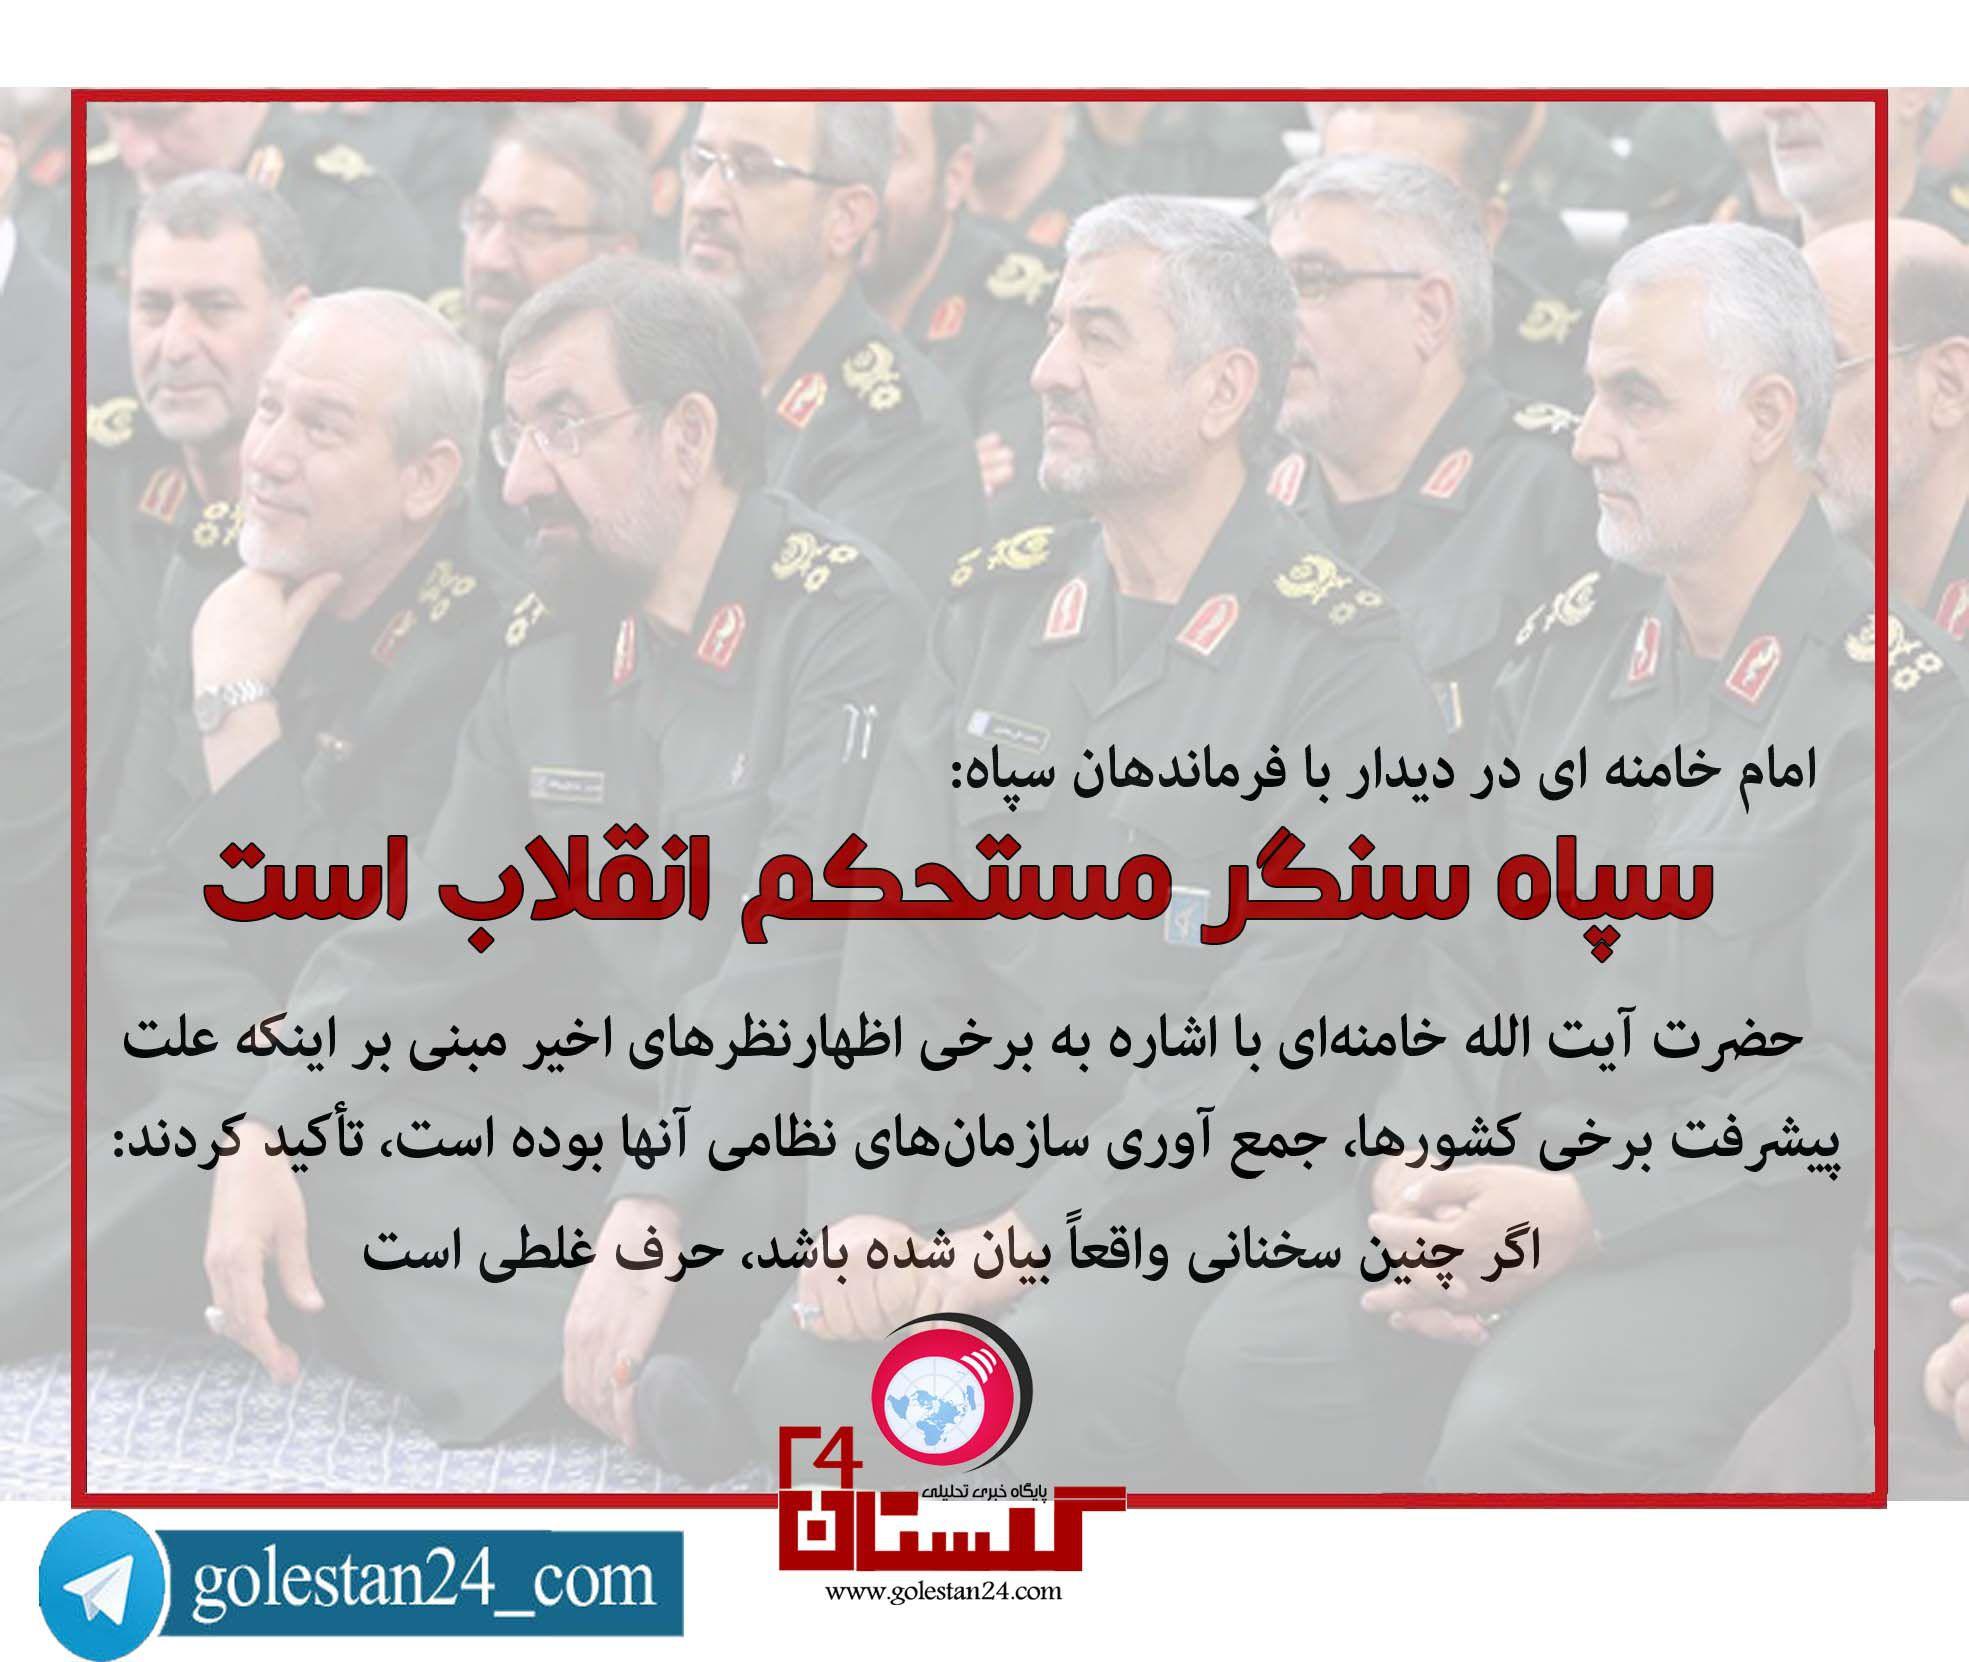 سپاه سنگر مستحکم انقلاب است